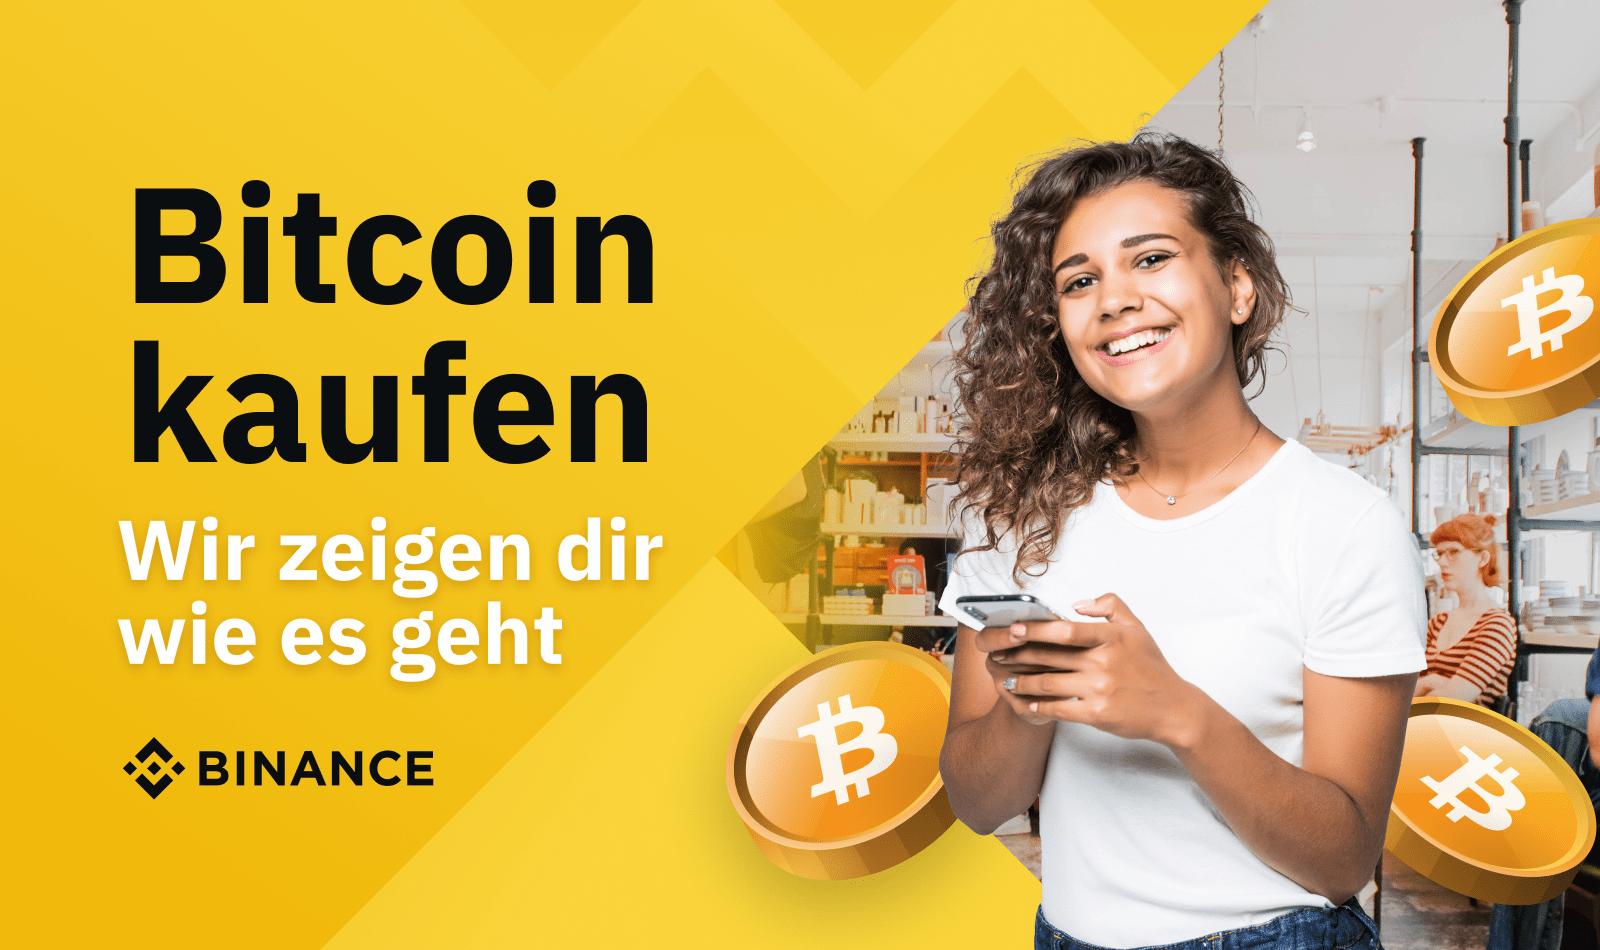 Bitcoin kaufen – so kaufen Anleger bei seriösen Börsen Bitcoin & co